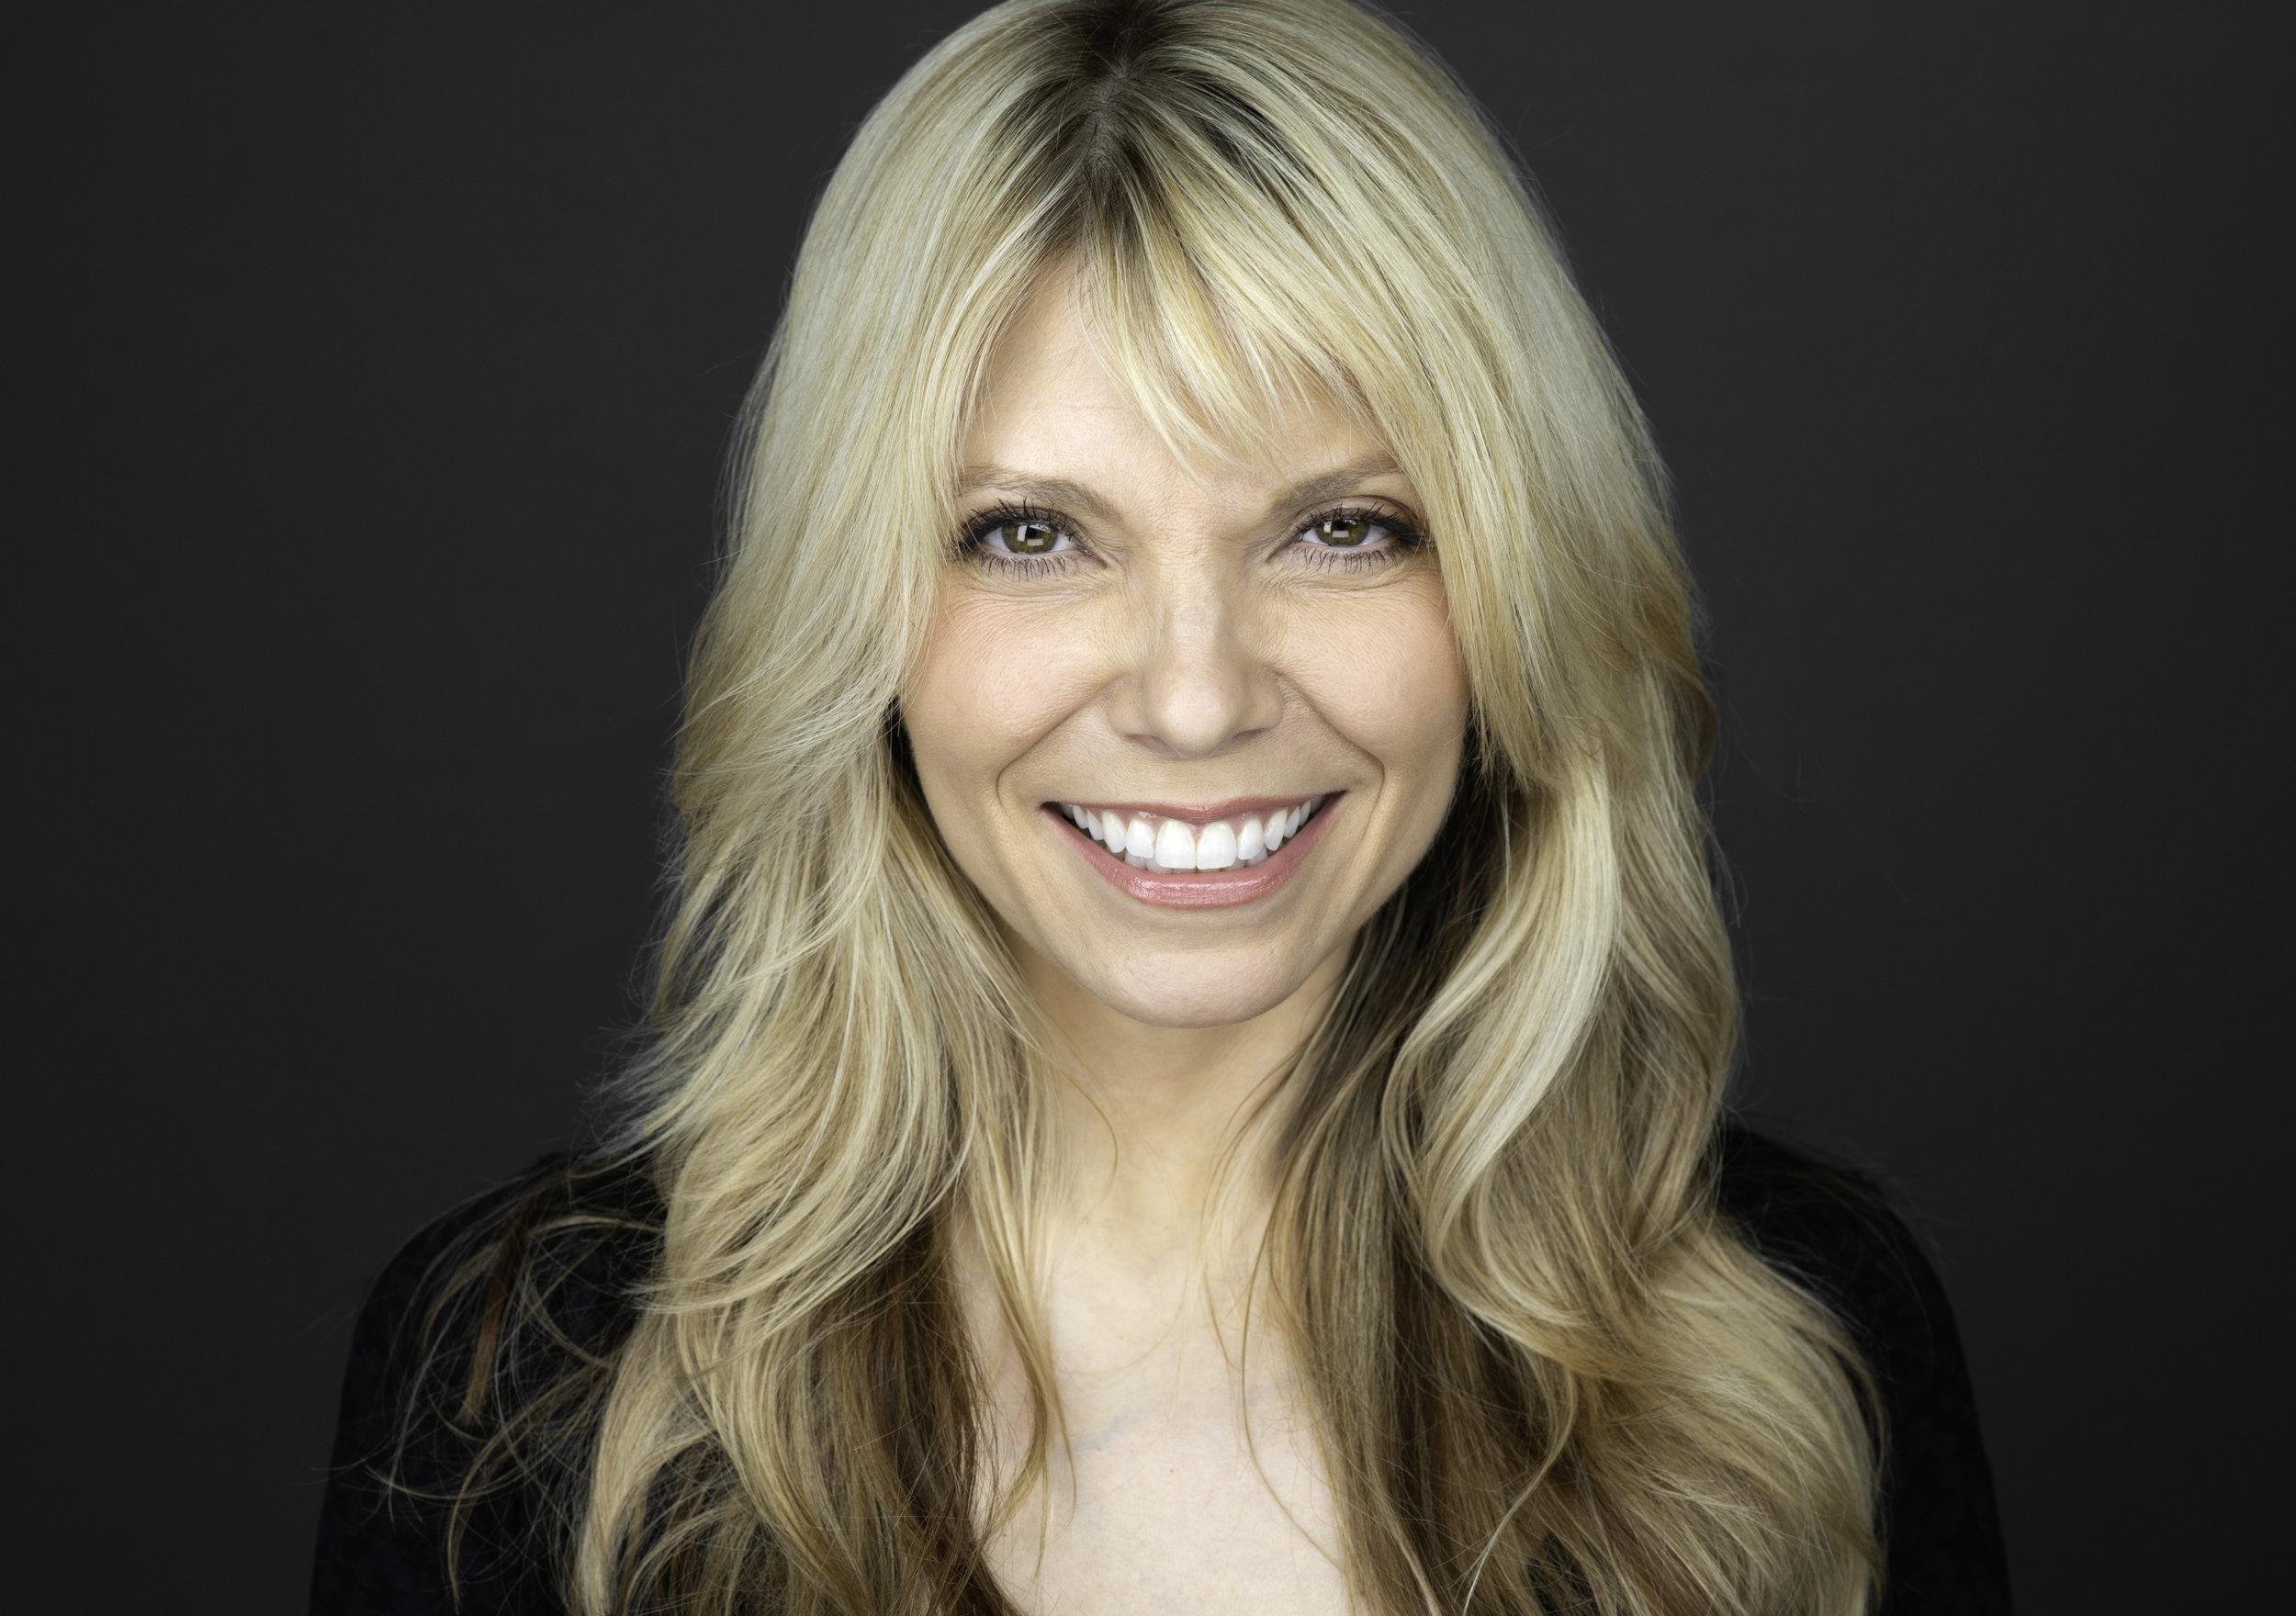 Armato Photography Actress Headshots